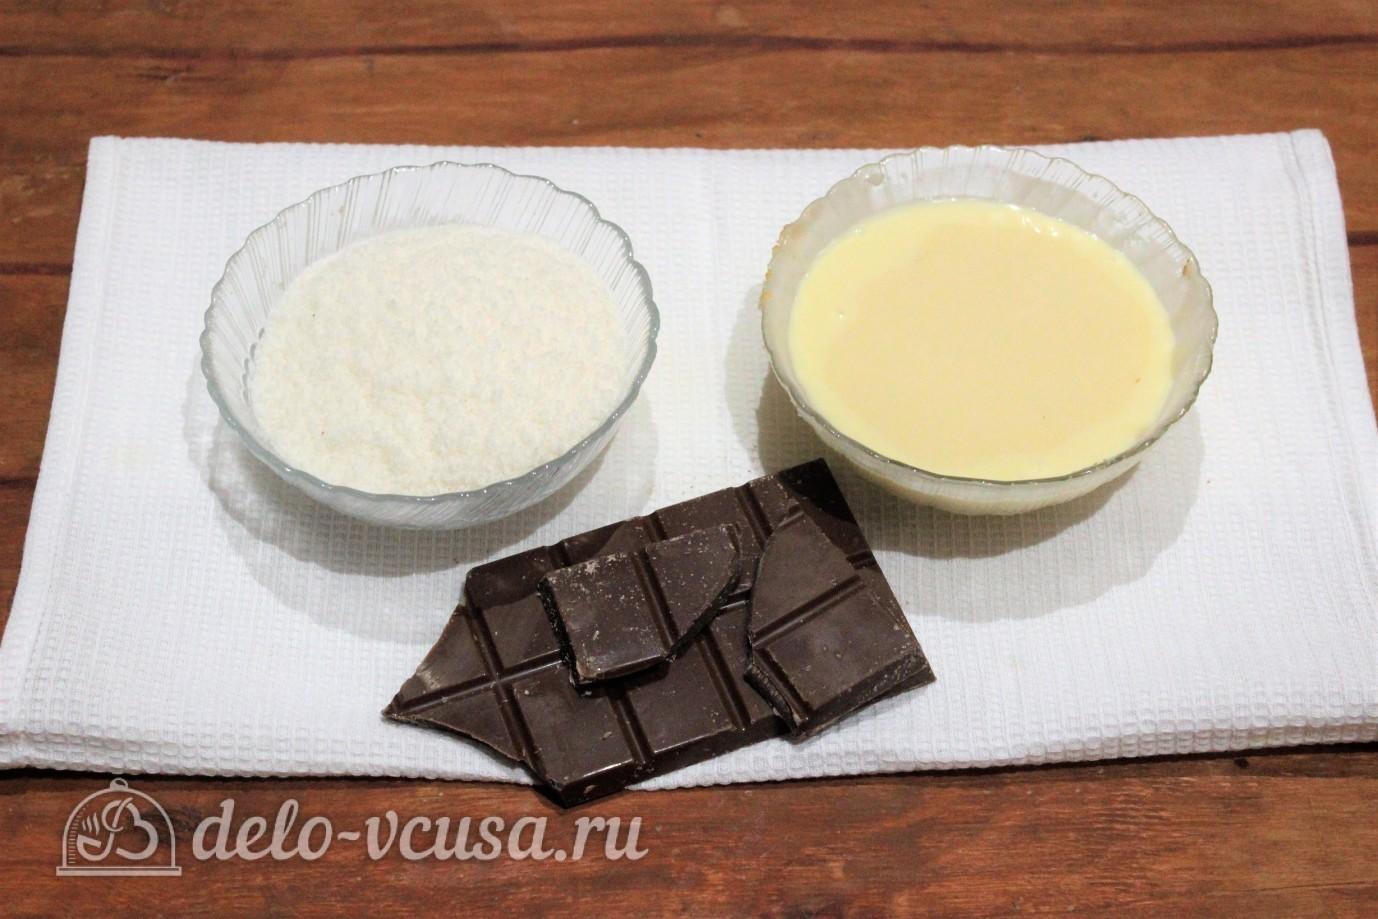 Как сделать баунти в домашних условиях рецепт